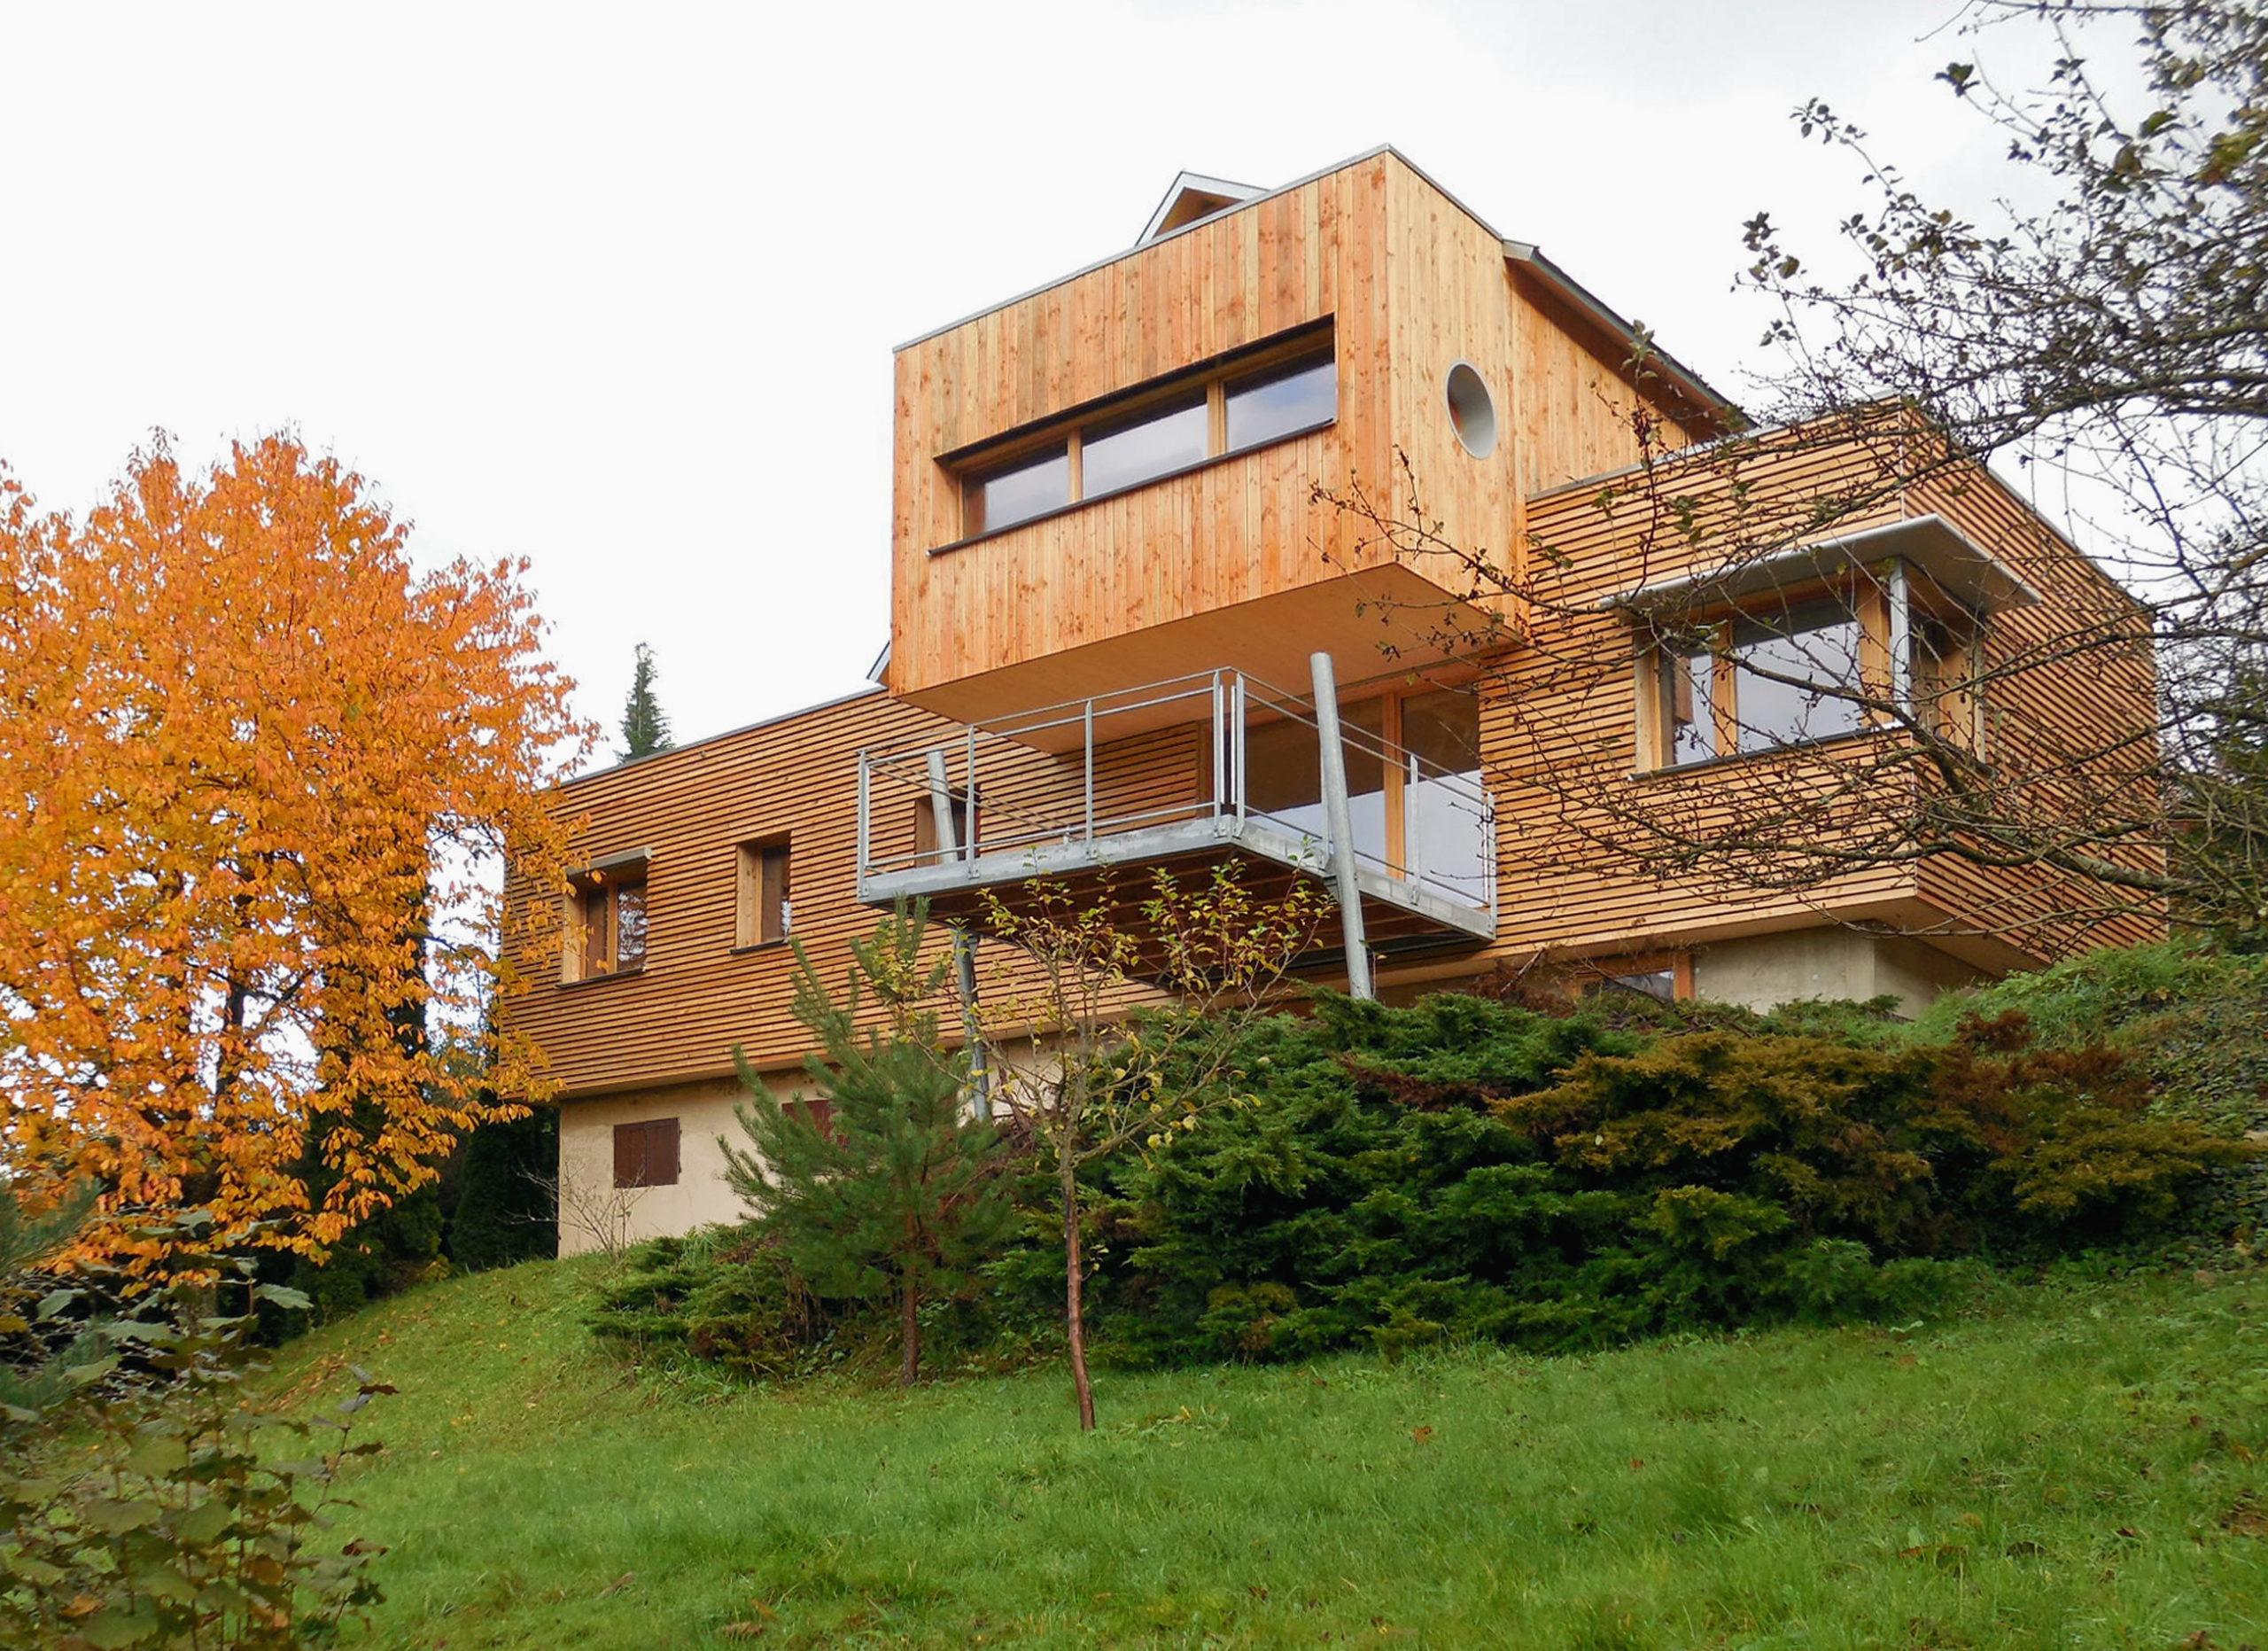 Maison contemporaine individuelle ossature et charpente bois, bardage bois vertical et horizontal, surplombant la montagne